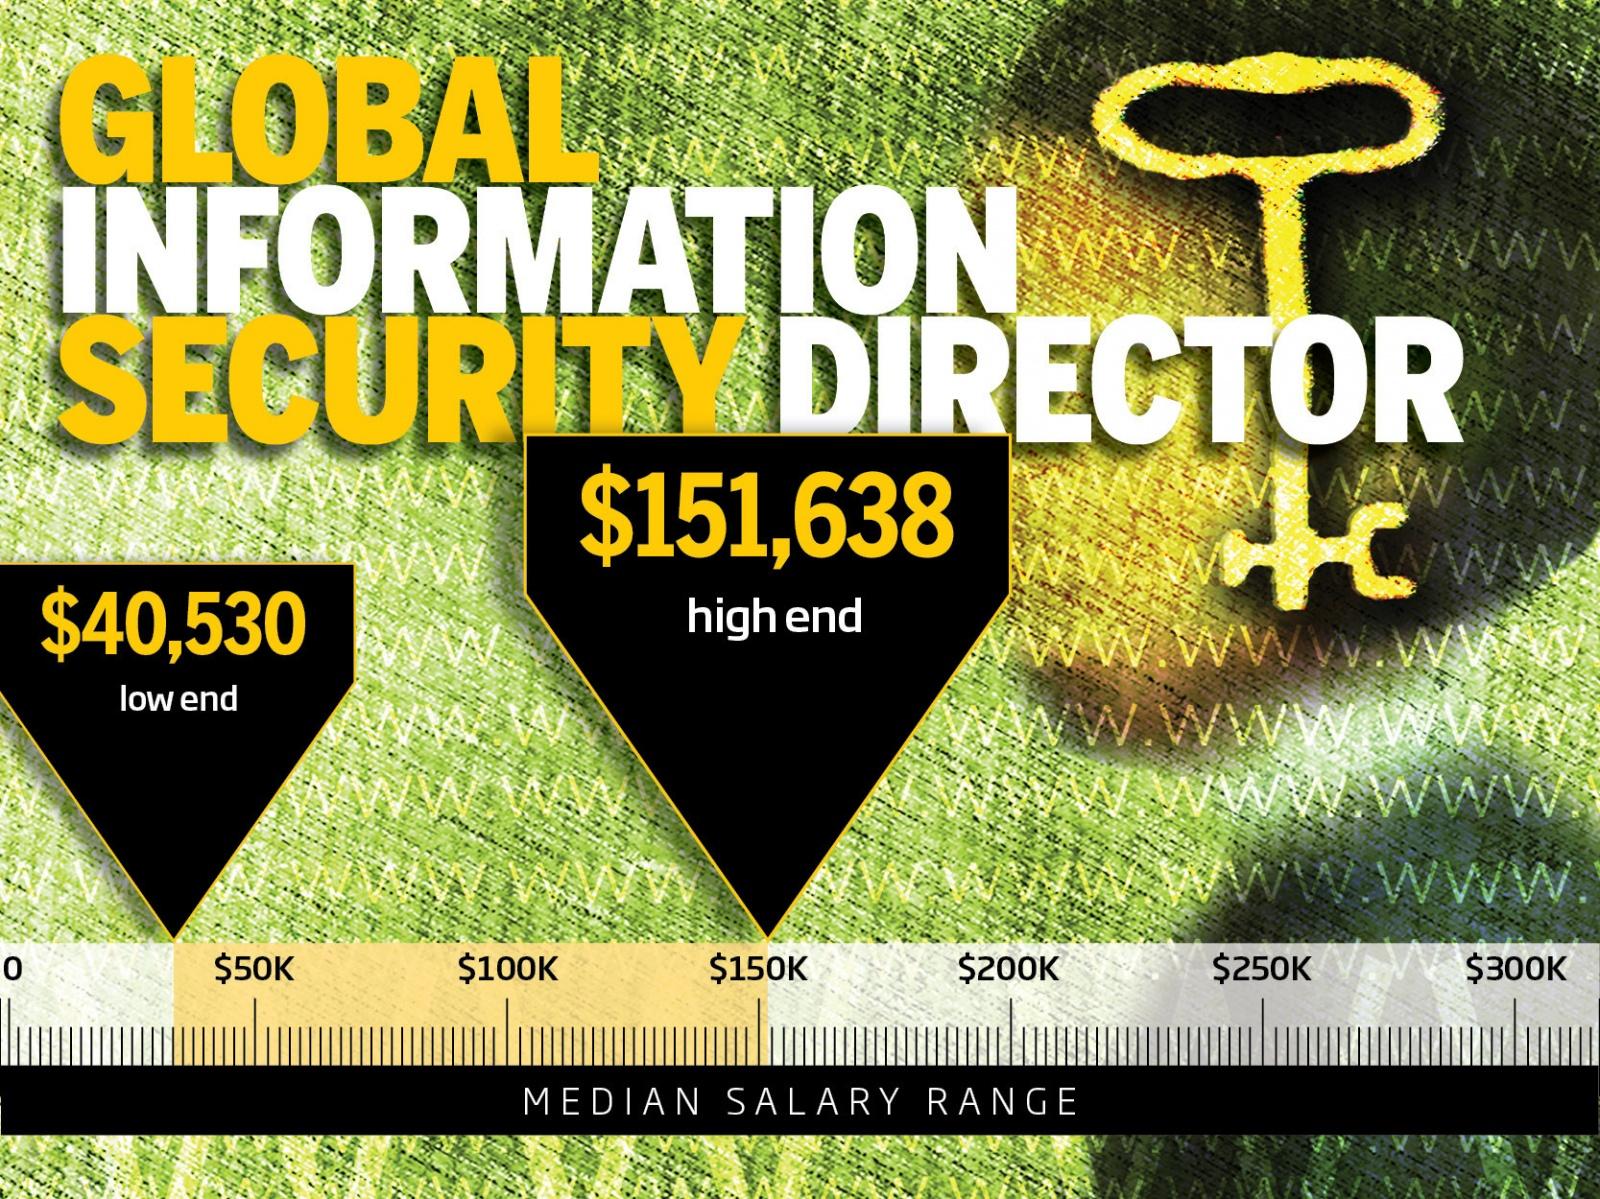 ТОП-10 самых высокооплачиваемых профессий в IT-безопасности - 4